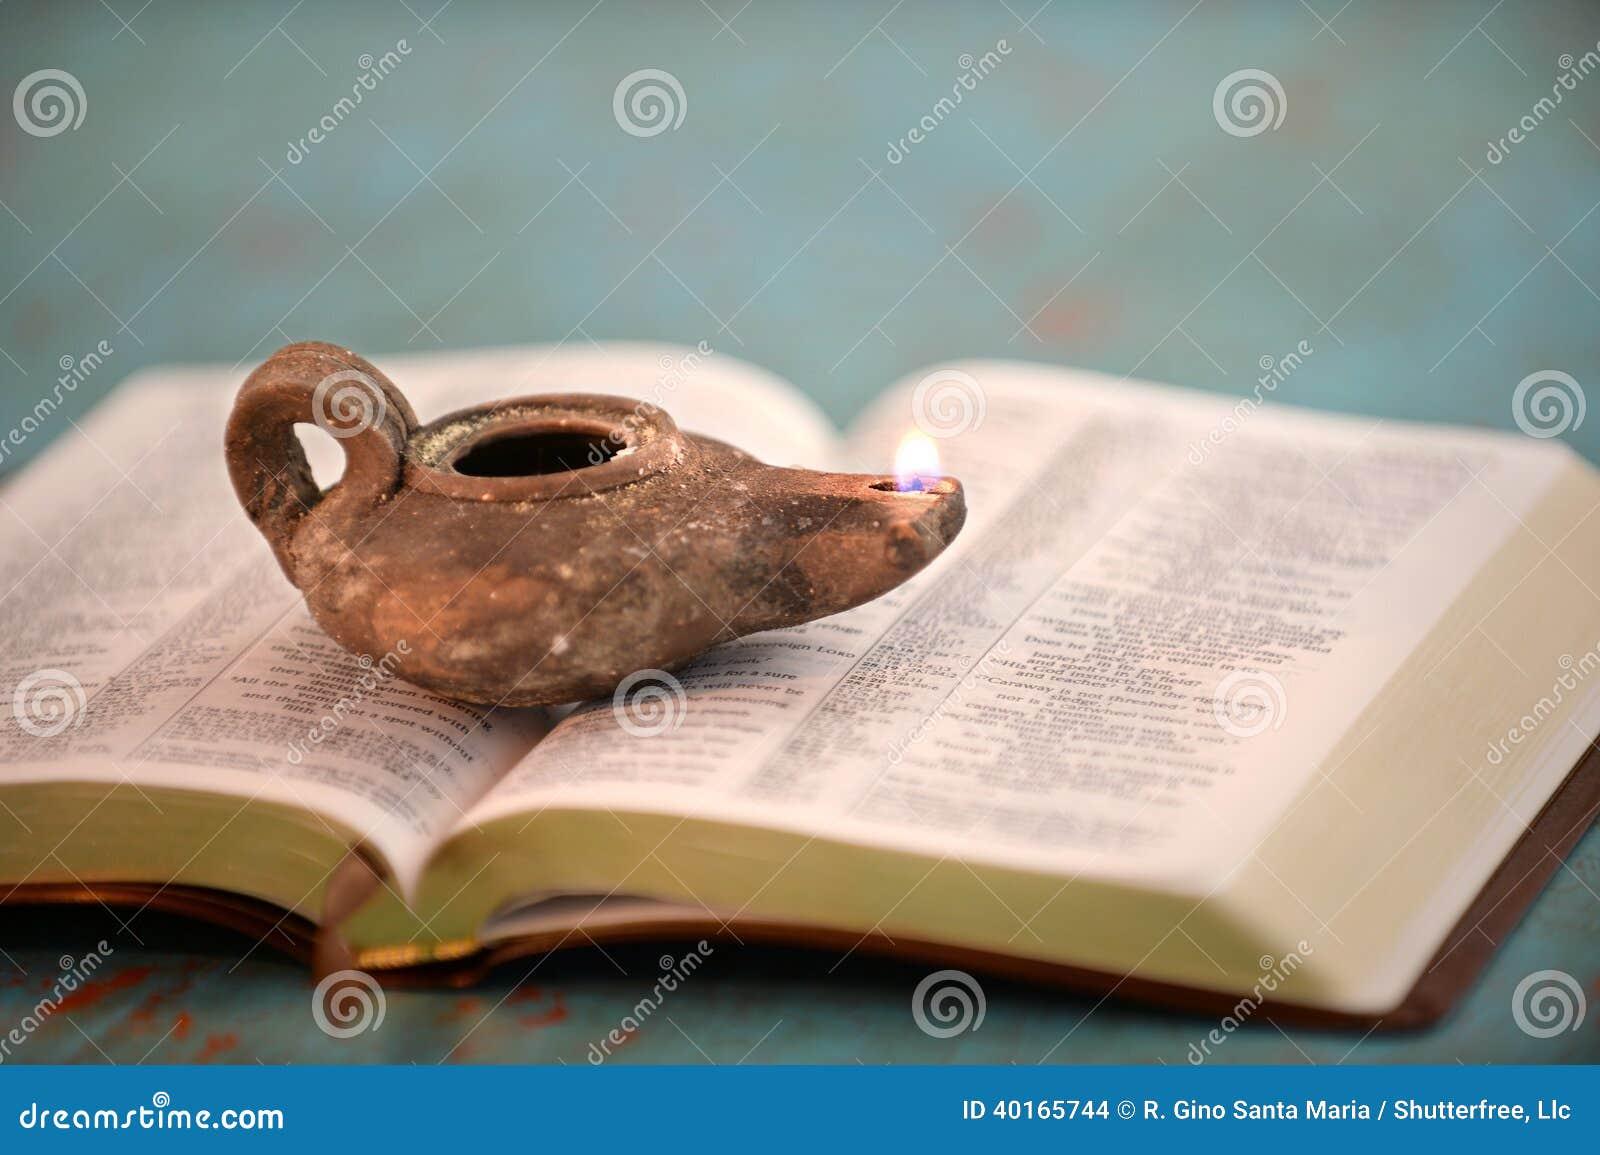 Lampada A Olio Antica Sulla Bibbia Aperta Fotografia Stock - Immagine: 40165744